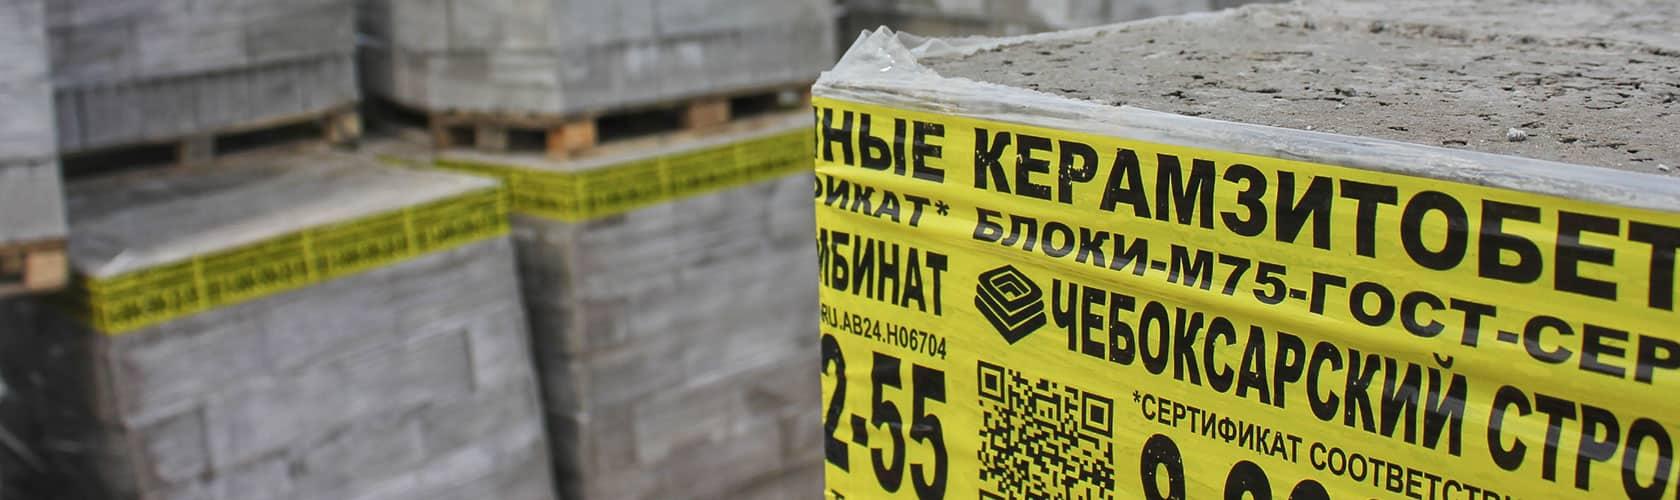 Цены на керамзитобетонные блоки